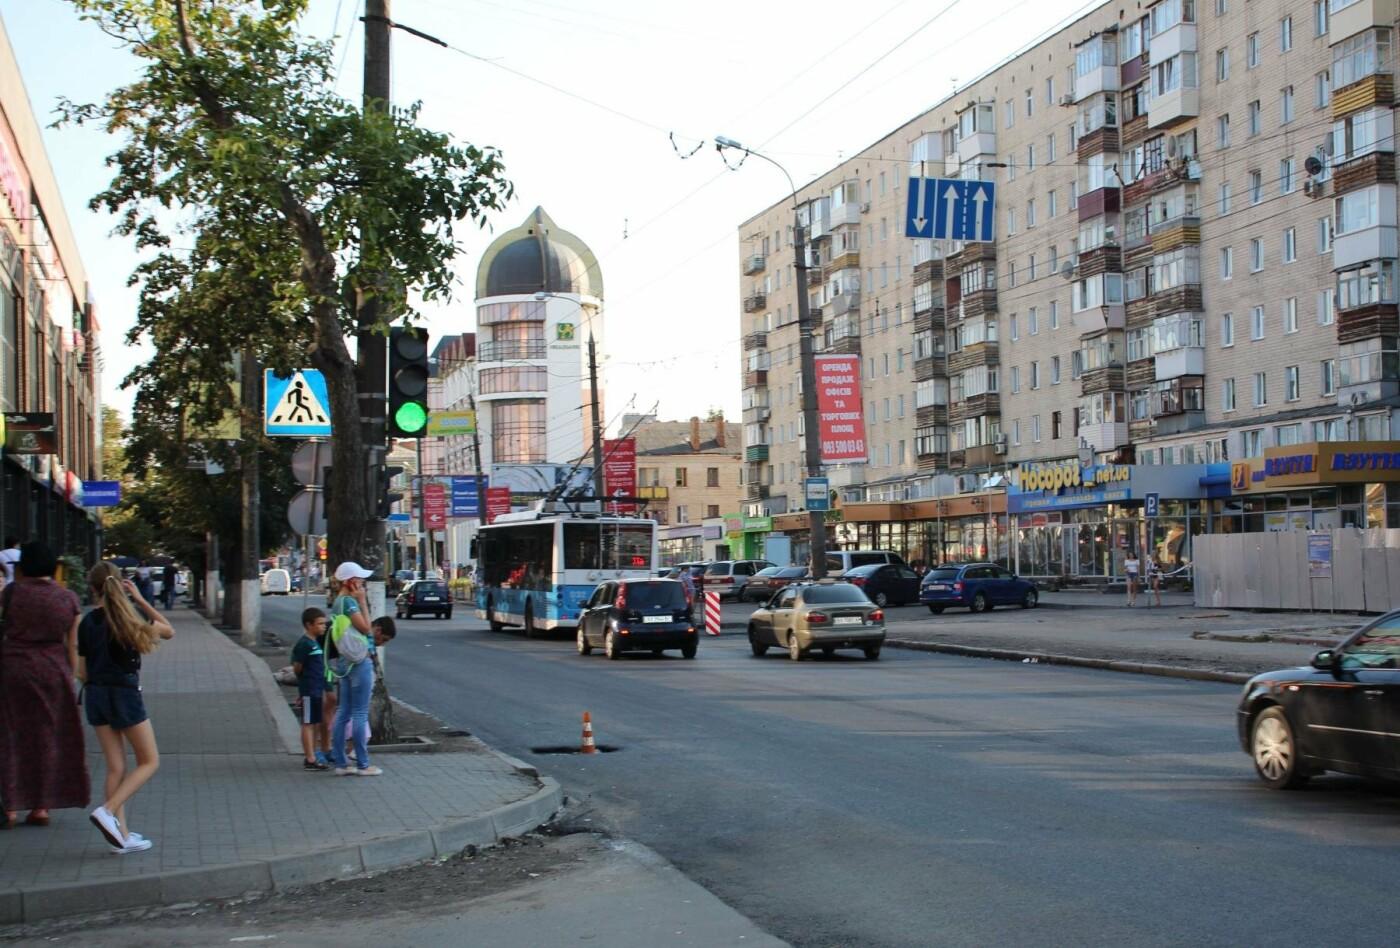 Ремонт ділянок вулиць Кам'янецької та Бандери завершено, тролейбуси працюватимуть у звичному режимі, фото-4